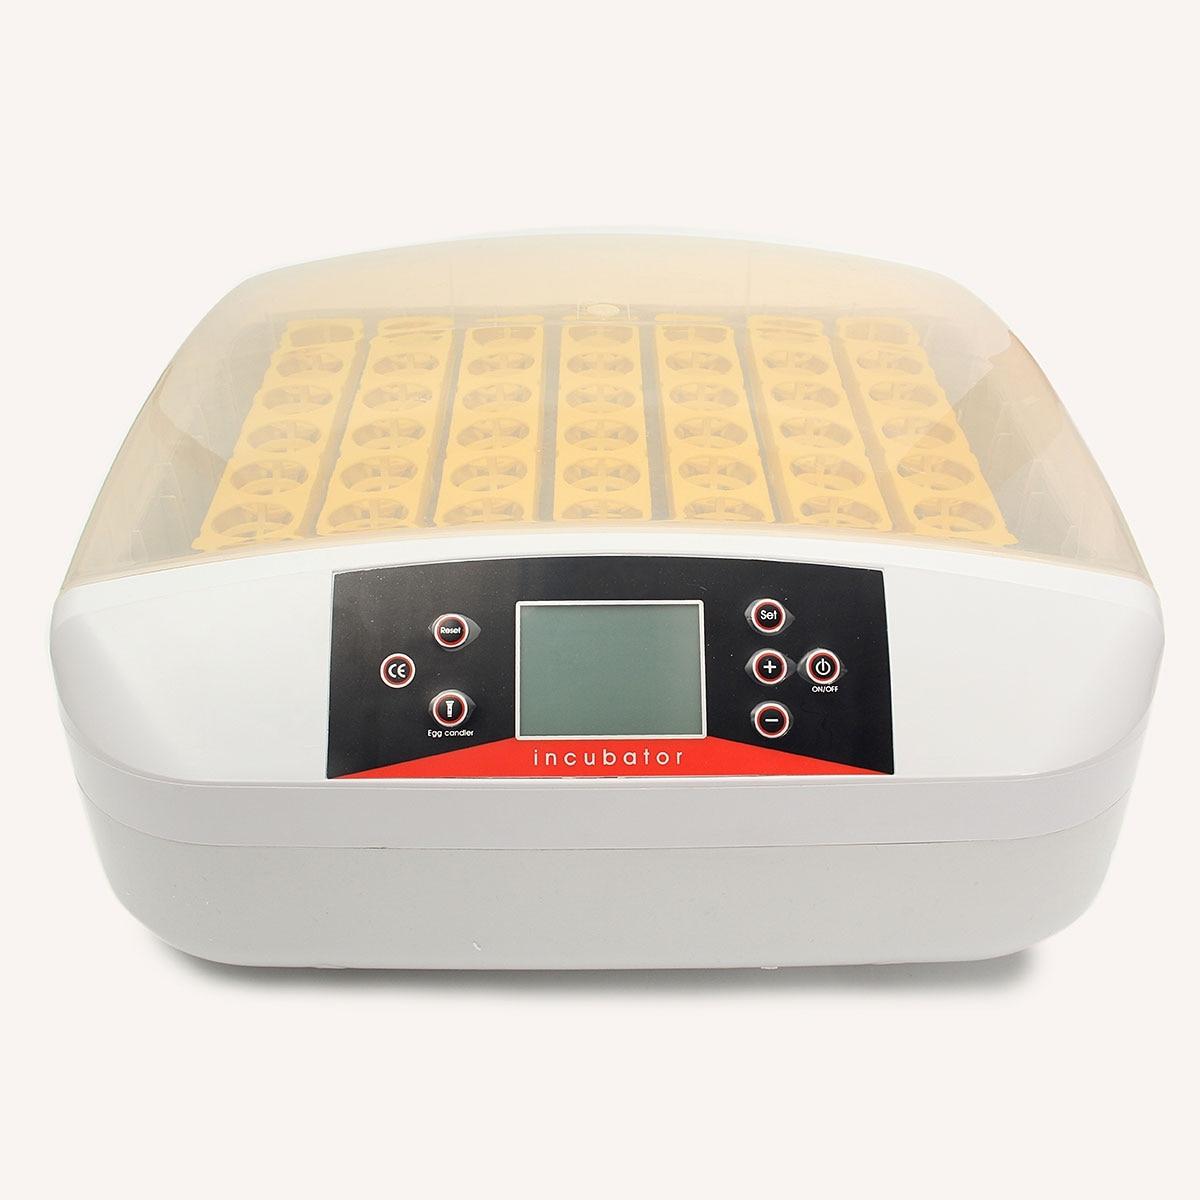 Digital 56 Ovos de Galinha Incubadora Nascedouro Incubadora de Viragem Automática Máquina de Fazenda em Laboratório de Controle de Temperatura Chocadeira